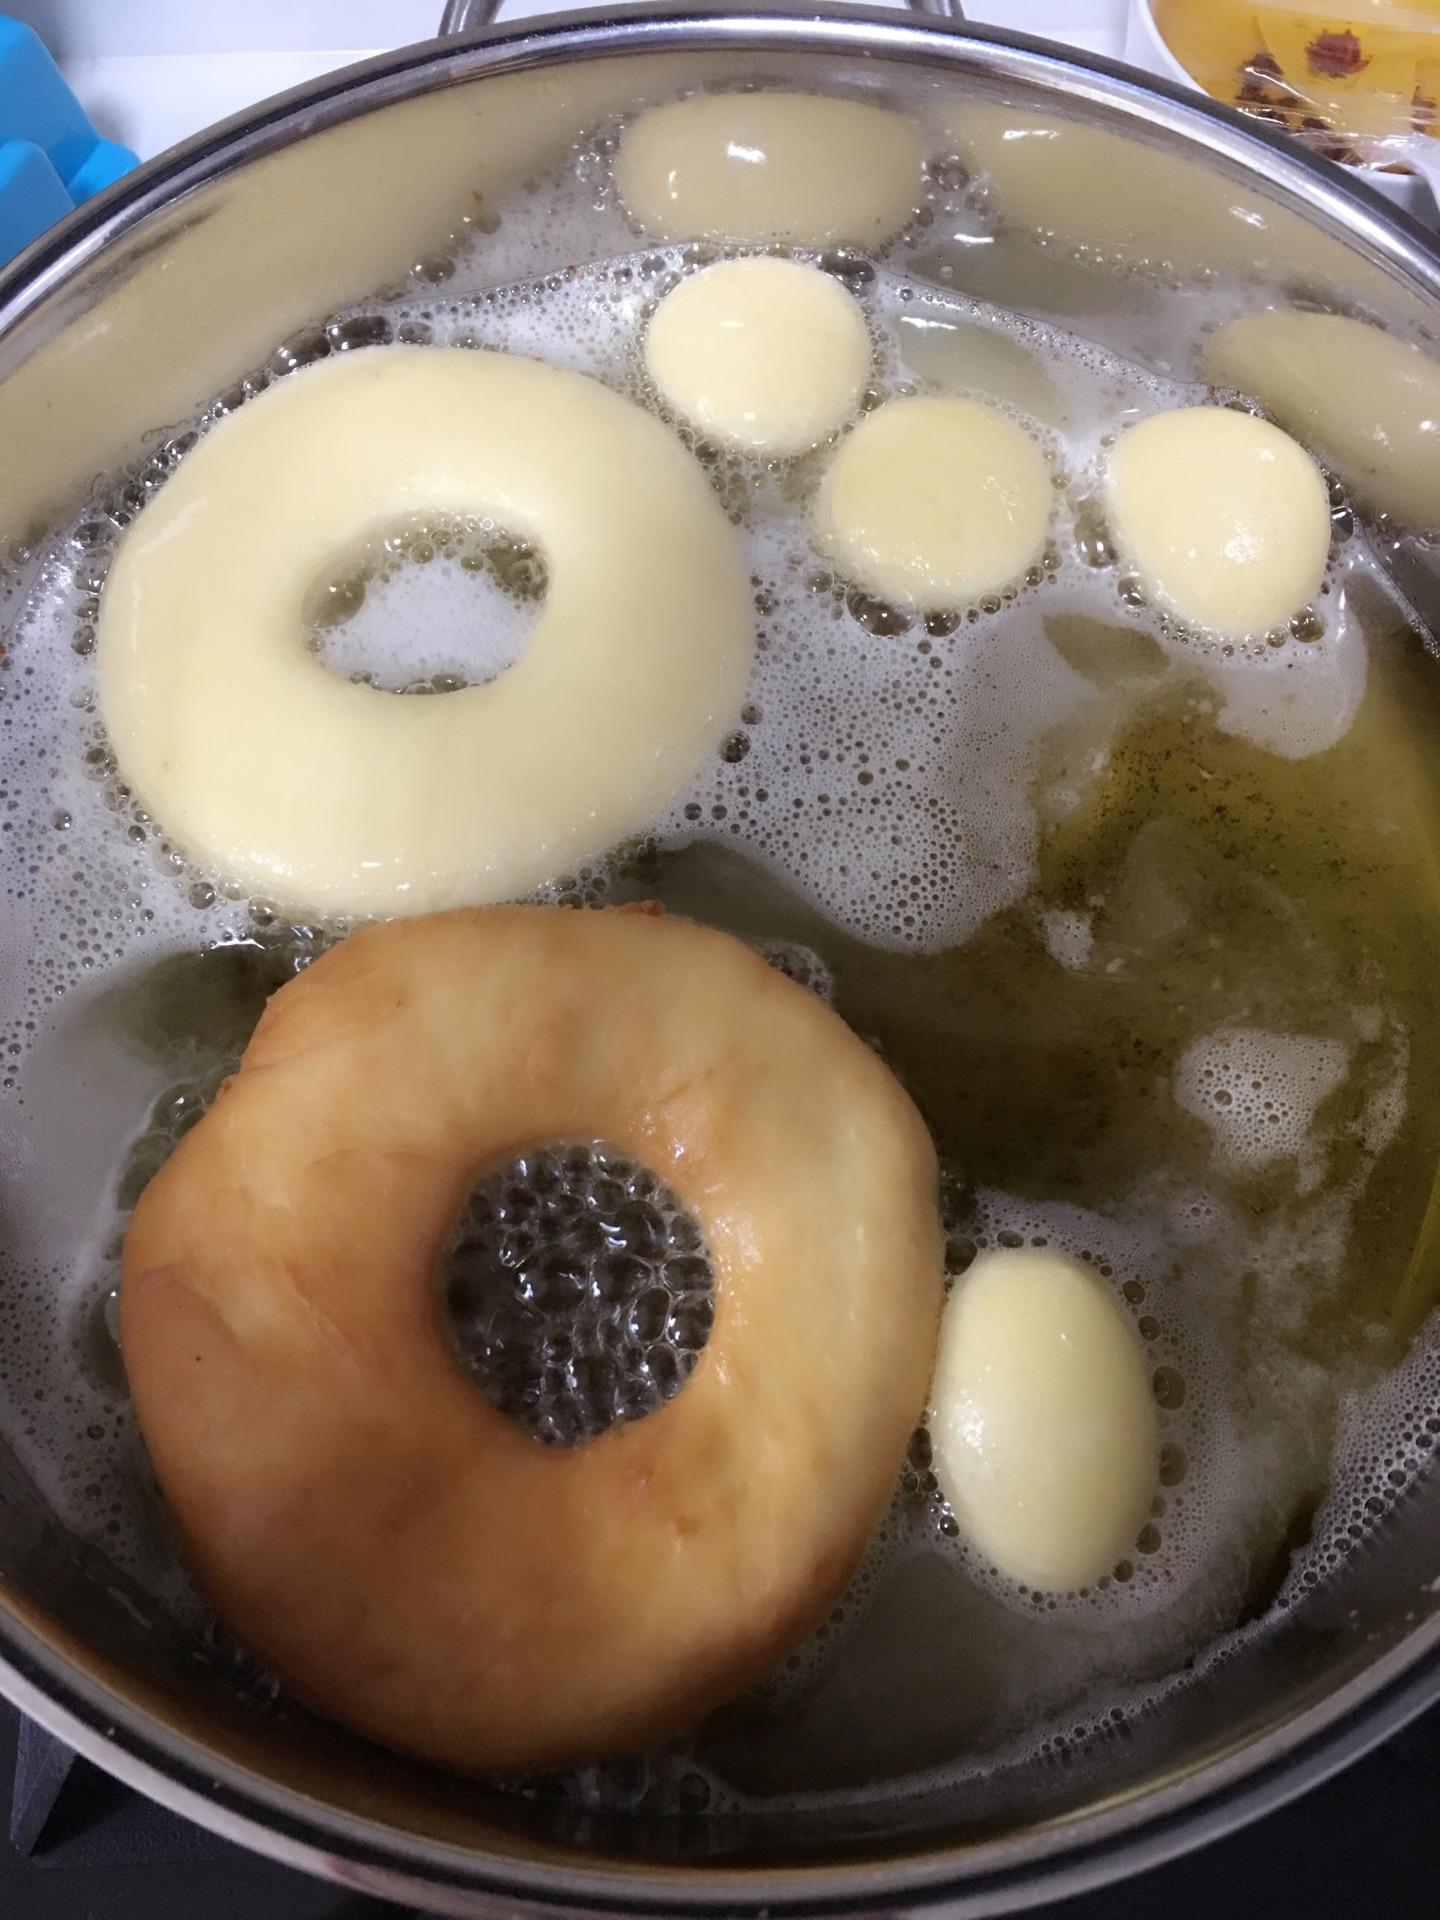 甜甜圈—冬日必备甜品的做法图解10